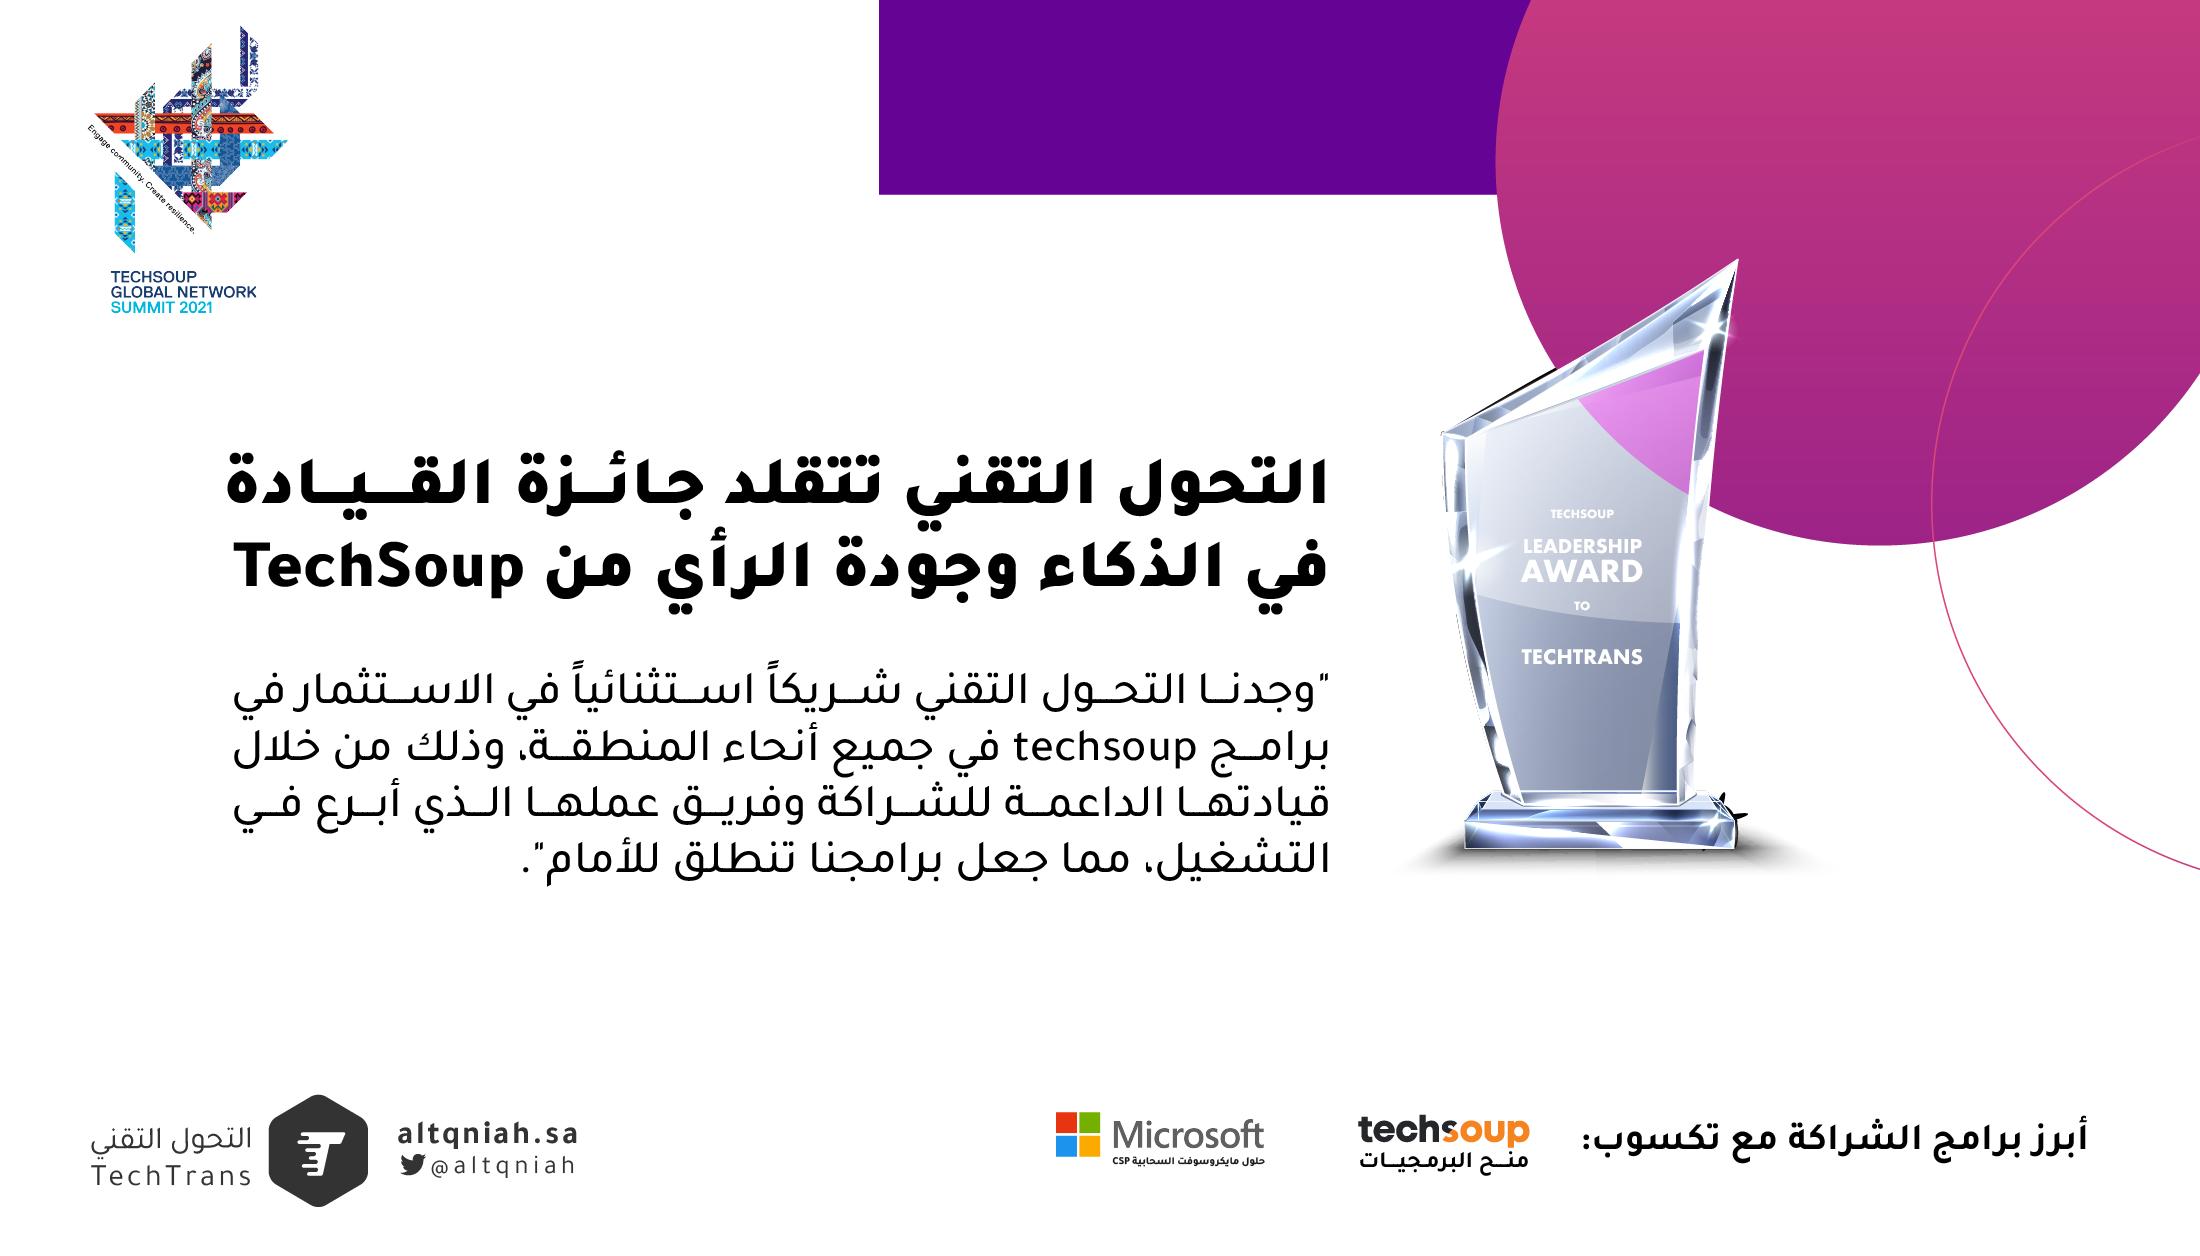 التحول التقني تتقلد جائزة القيادة في الذكاء وجودة الرأي من TechSoup